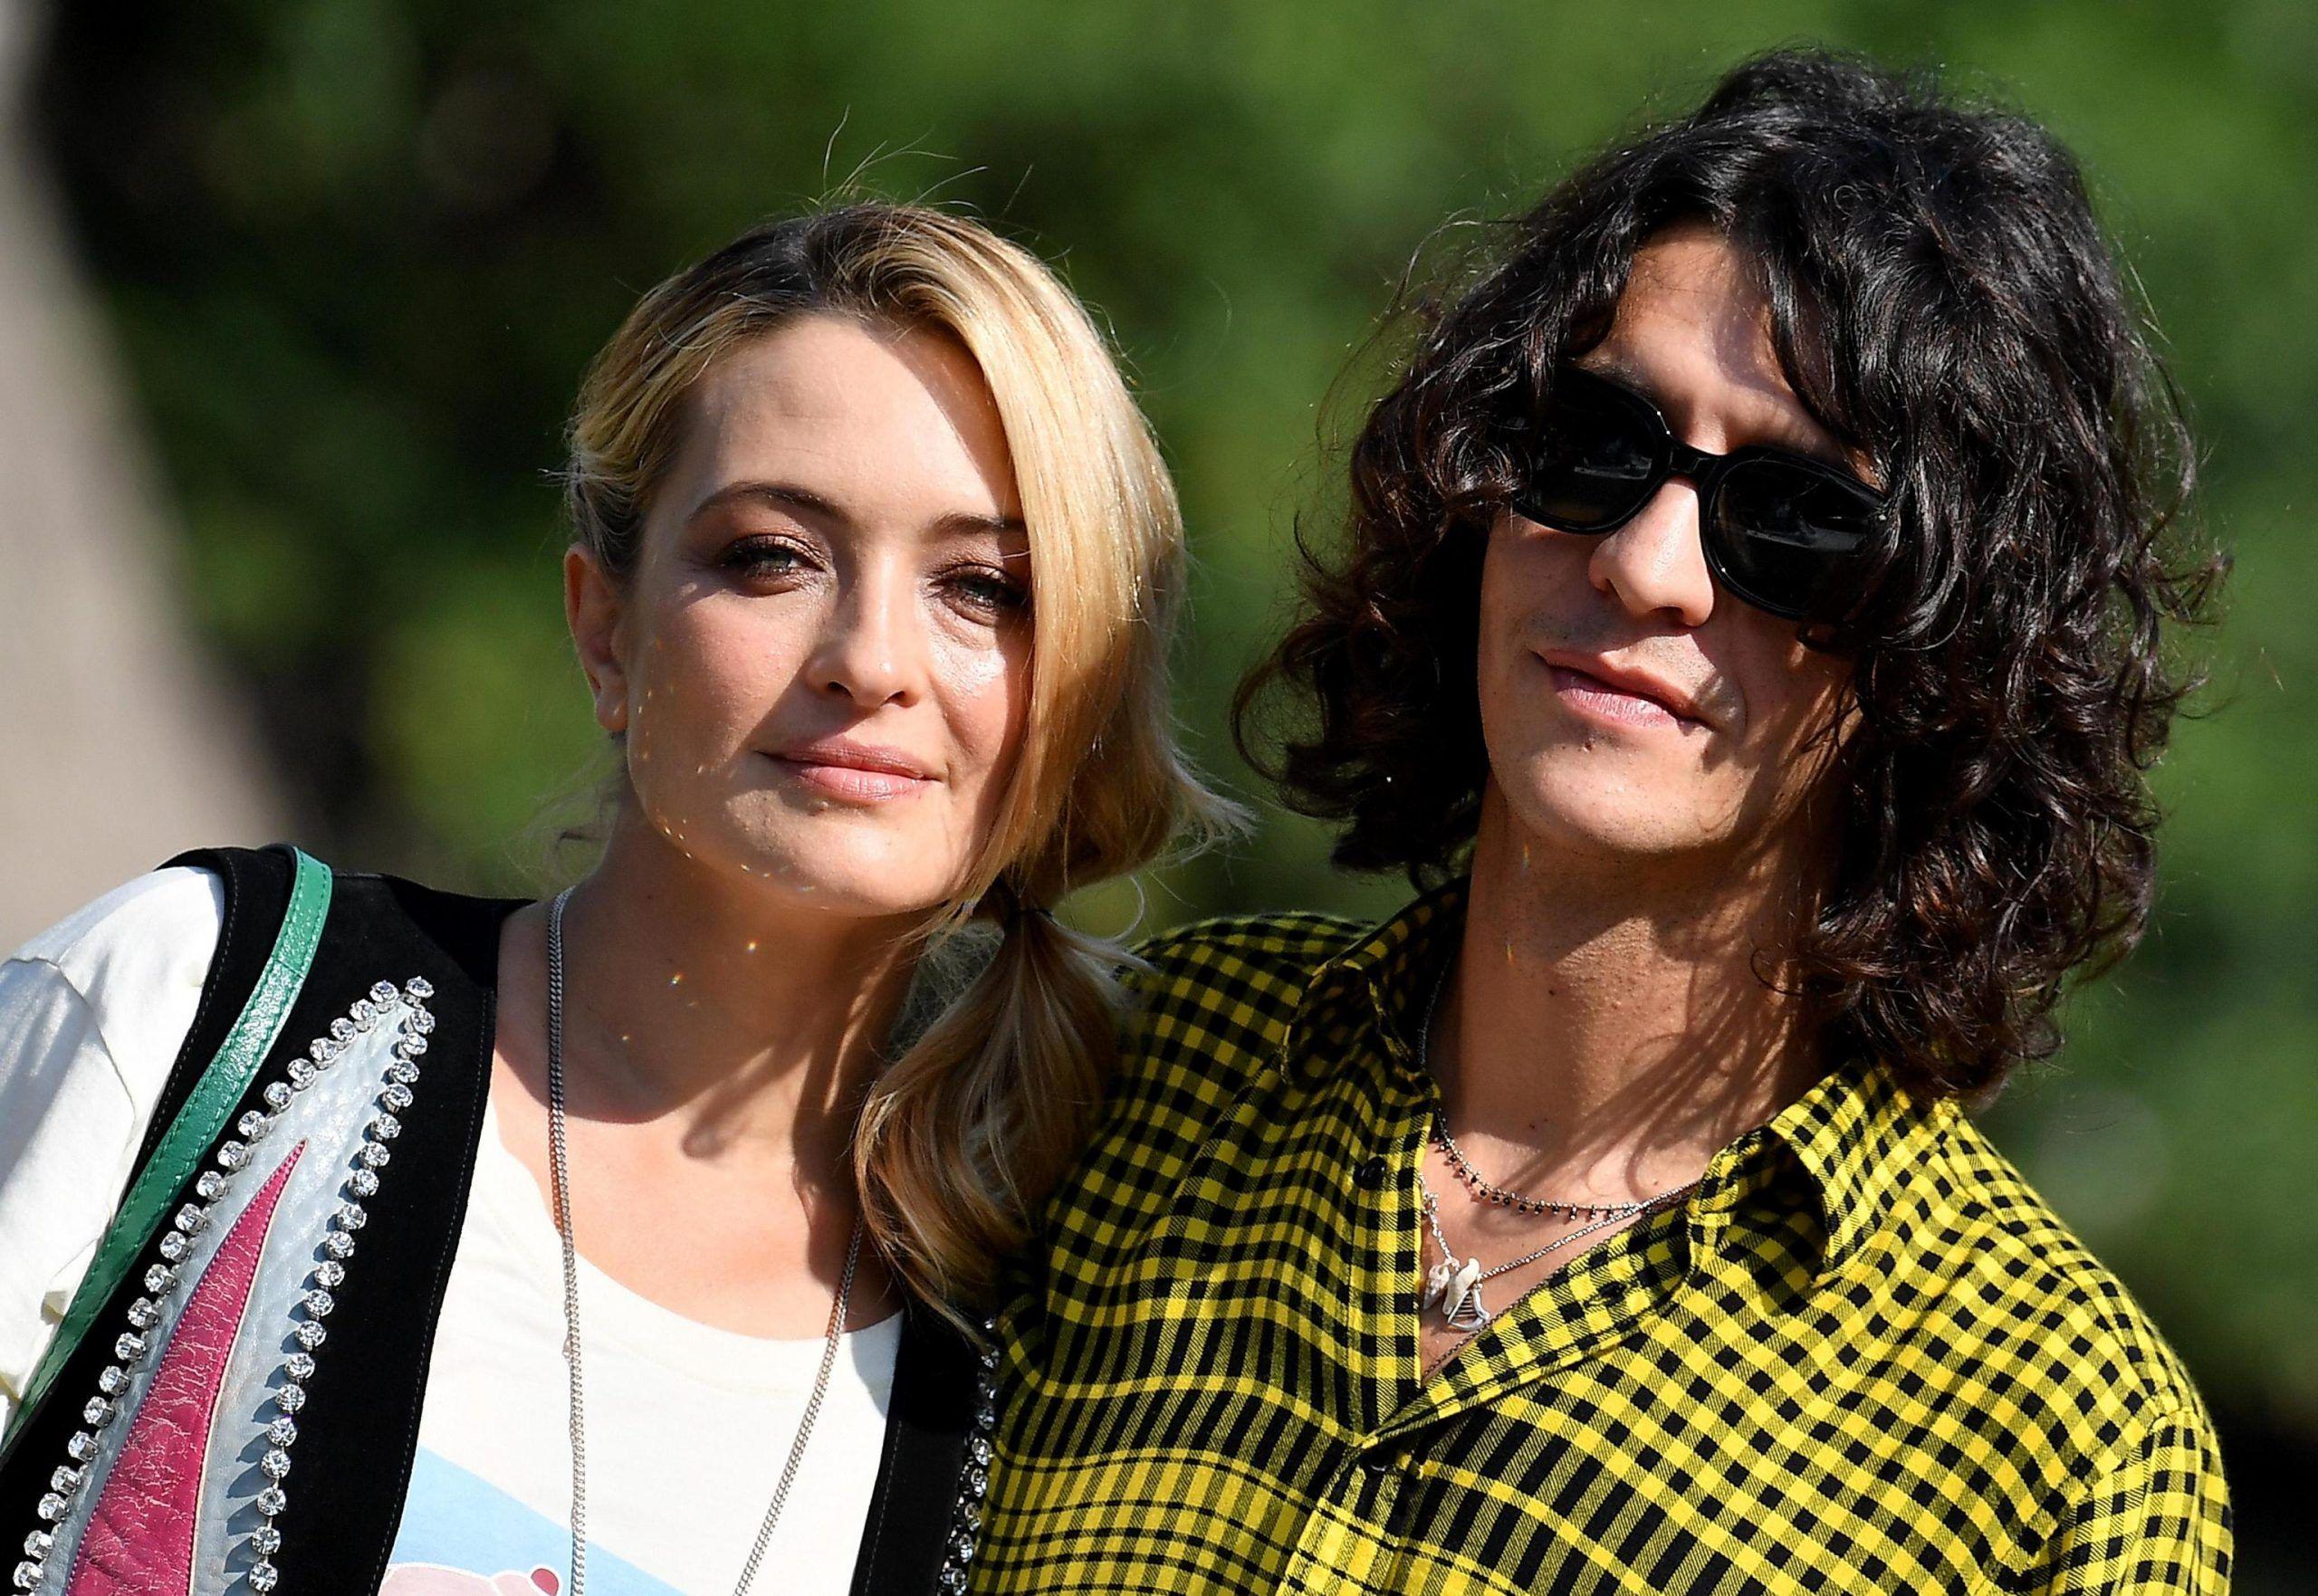 Carolina Crescentini e Motta si sono sposati prima di Sanremo 2019?